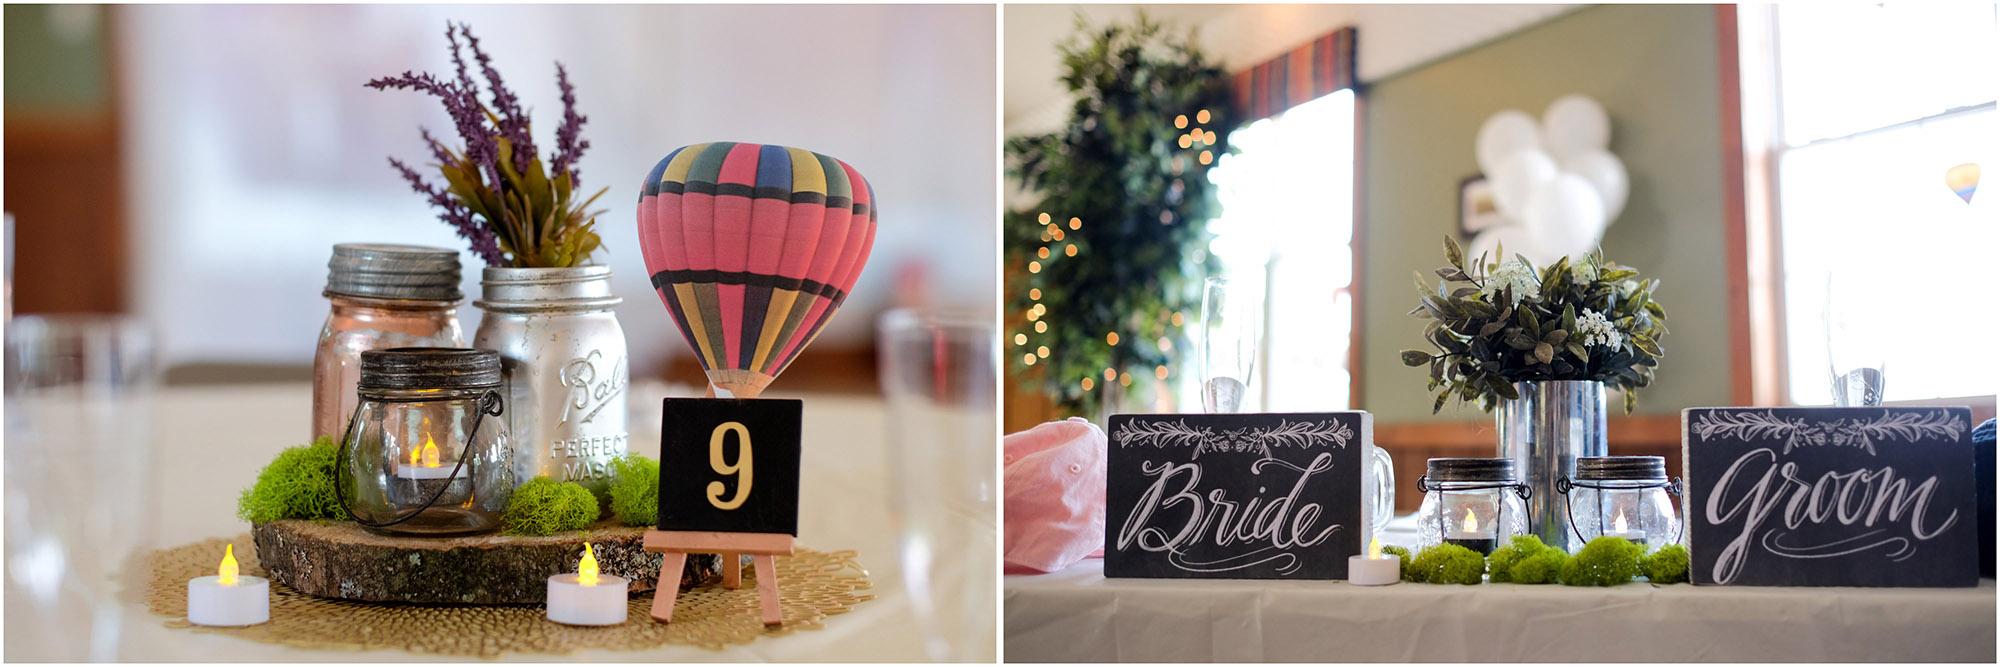 Shawn & Danielle Hot Air Balloon Wedding 40